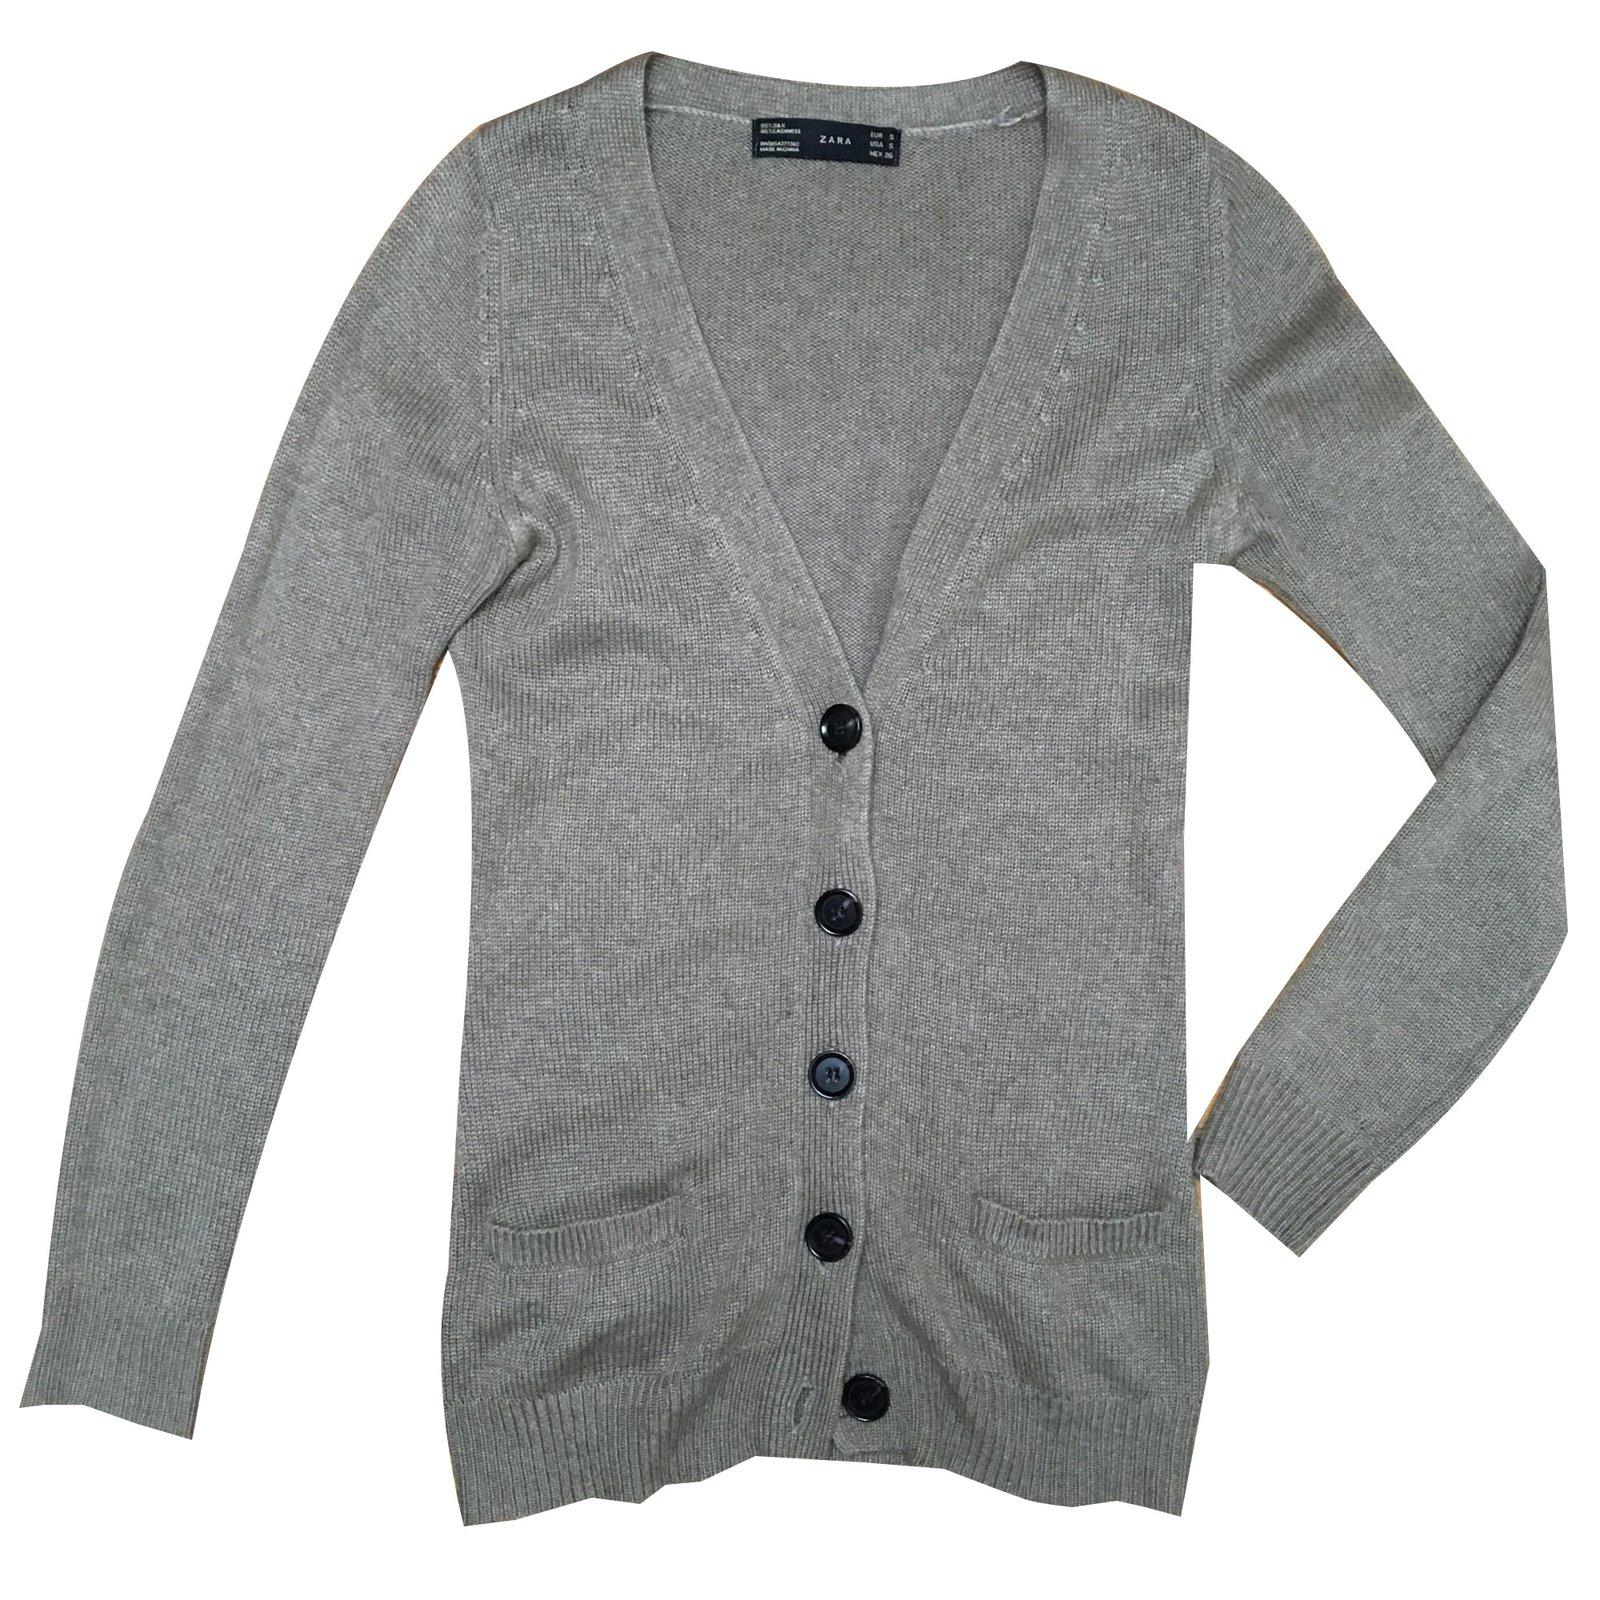 80bfccaa Zara Knitwear Knitwear Cashmere Beige ref.58218 - Joli Closet